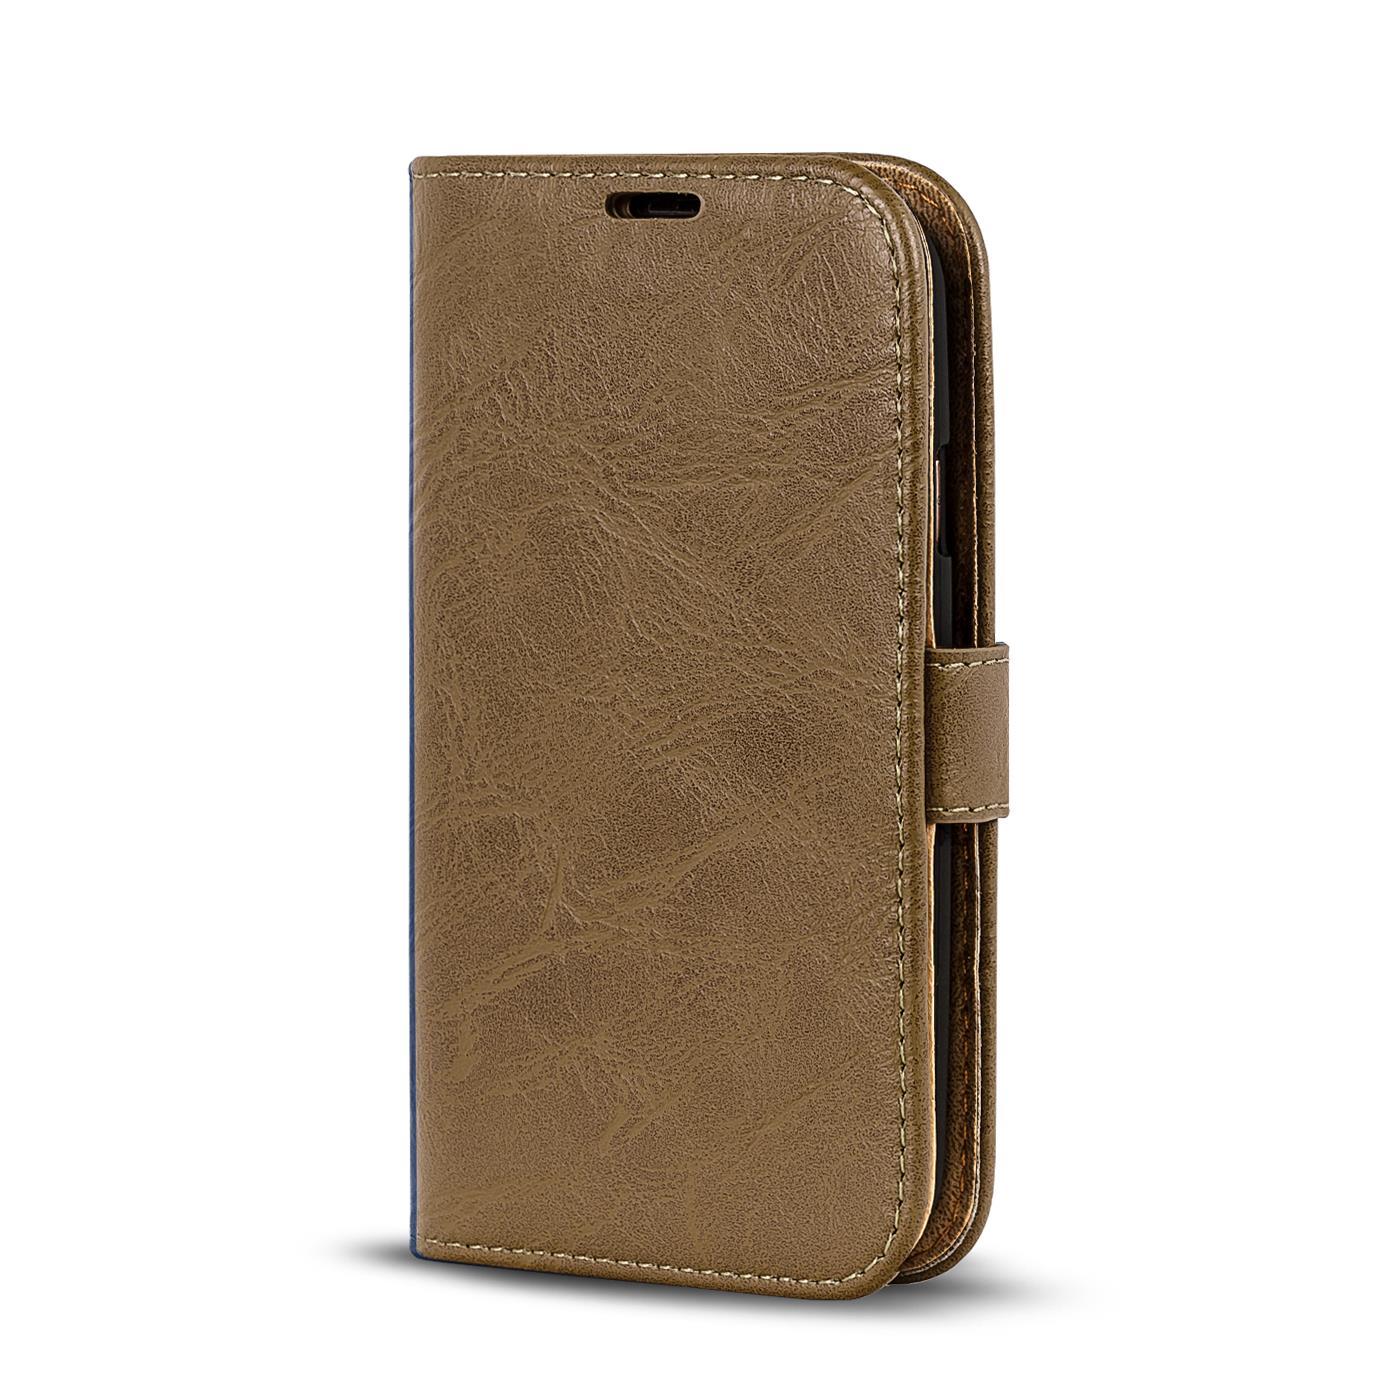 Klapphuelle-Samsung-Galaxy-S3-Mini-Huelle-Schutzhuelle-Wallet-Cover-Flip-Case Indexbild 18